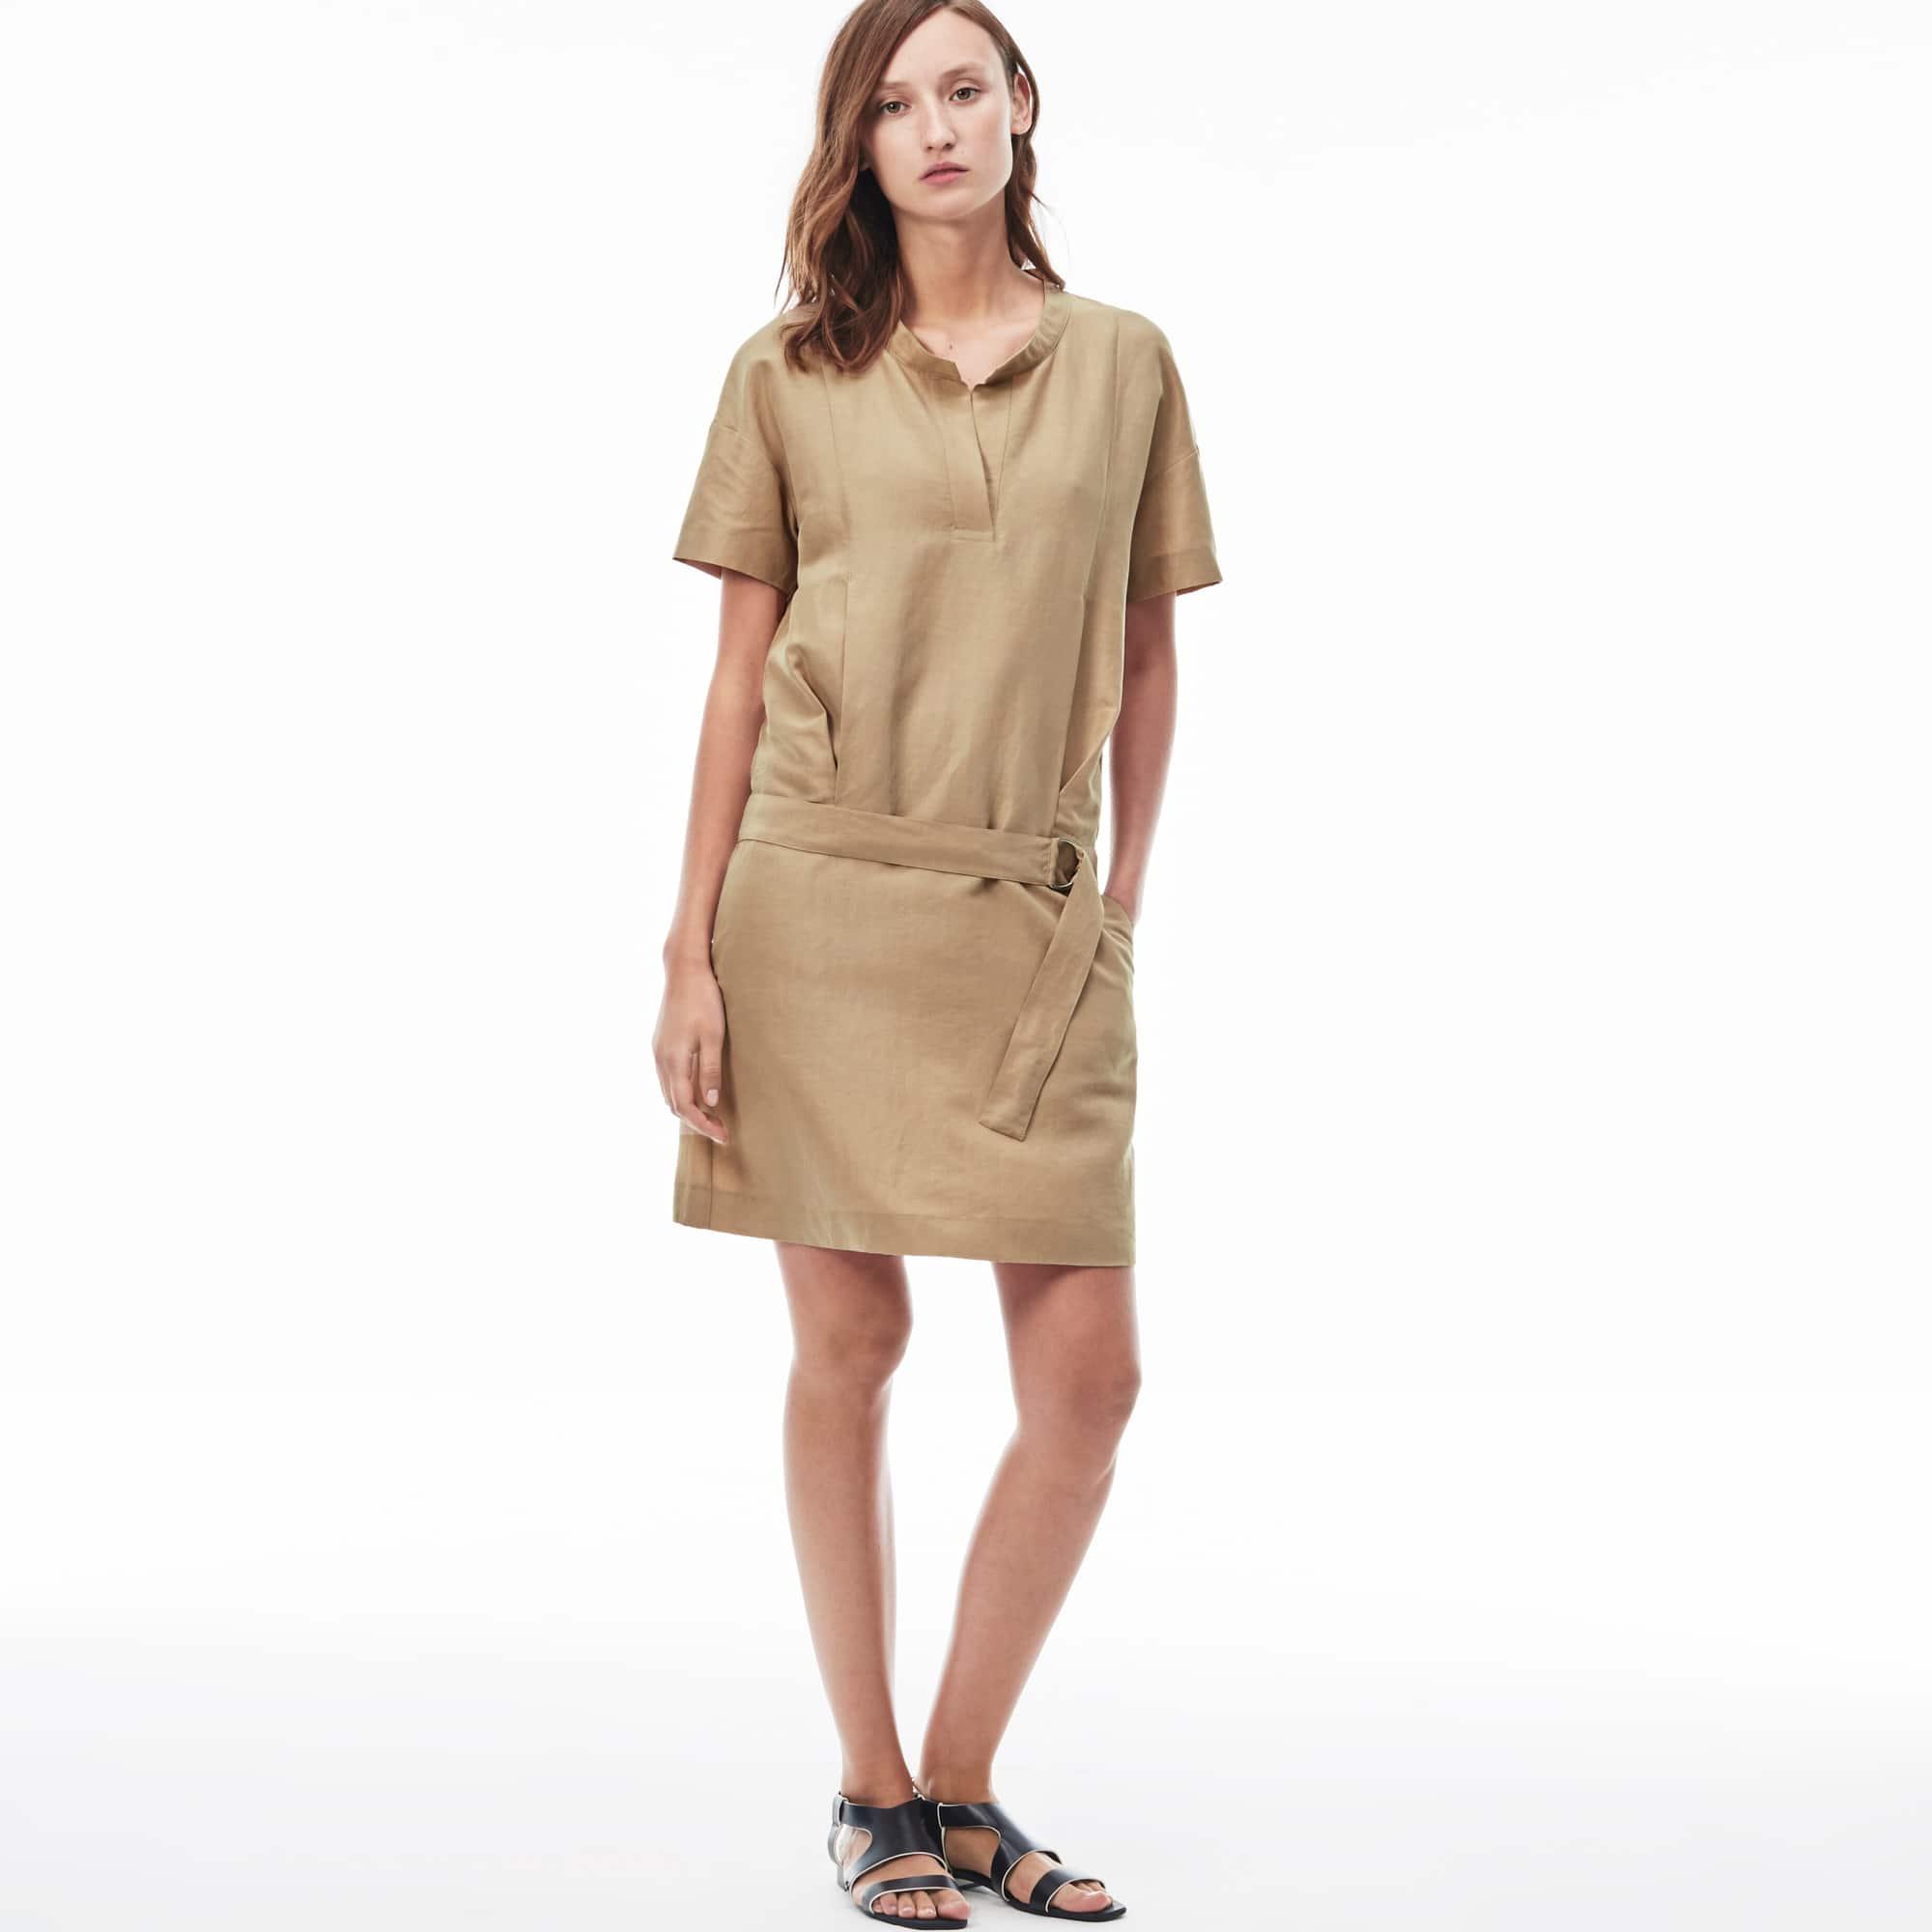 Women's Canvas Belted T-Shirt Dress